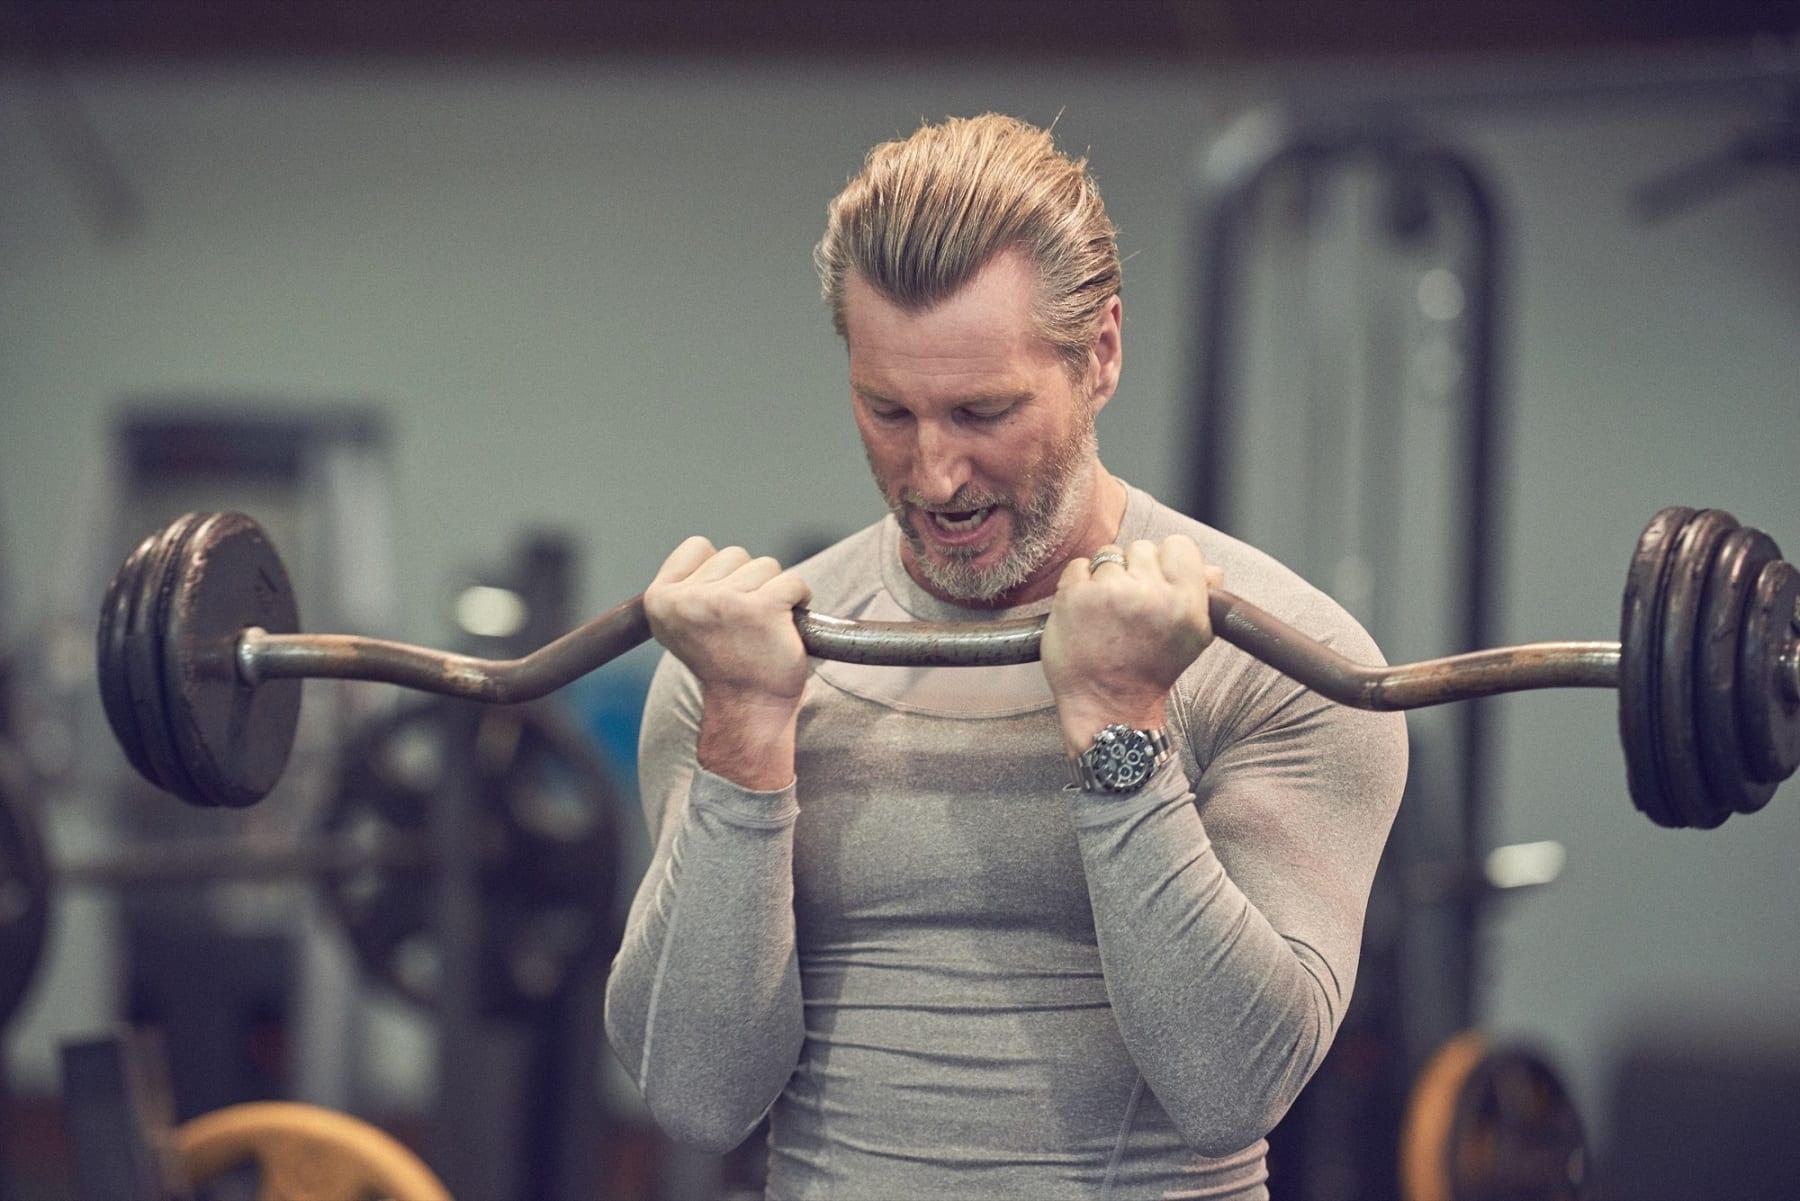 évaluez votre progression en musculation